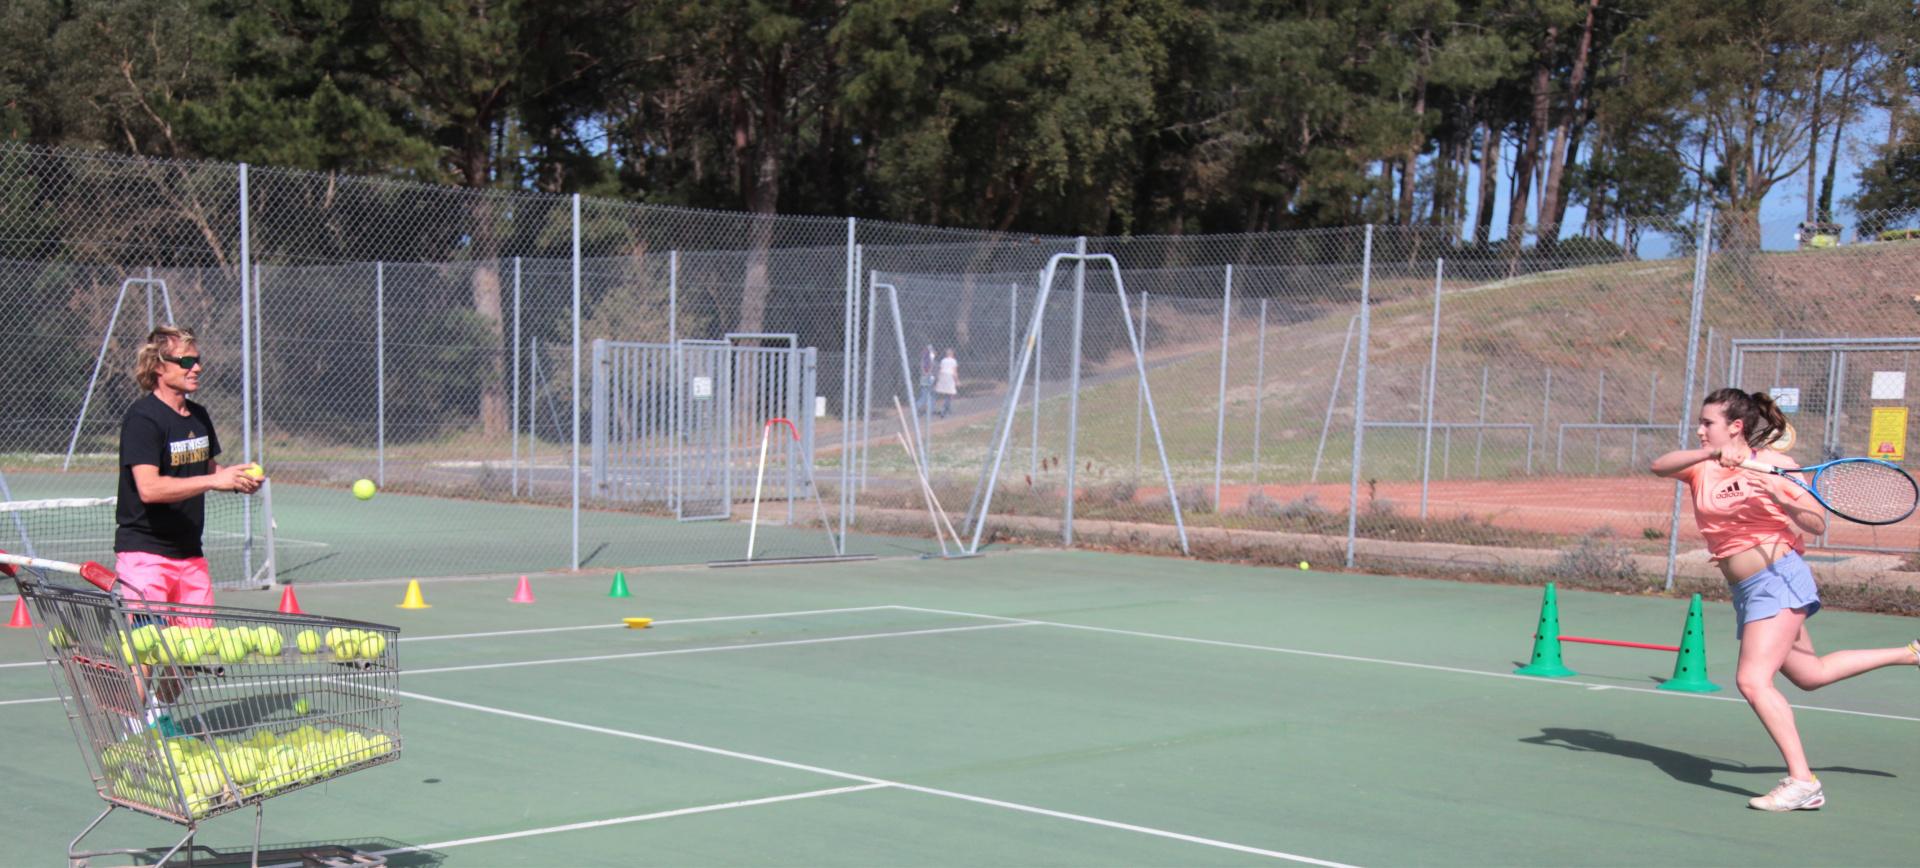 Inscrivez-vous à l'académie et prenez des leçons avec nos professeurs de tennis Du tennis de Moliets qui propose la location de courts à l'heure en dur, green-set, terre-battue, gazon couverts ou extérieurs. Des stages tennis pour tout public de Acad